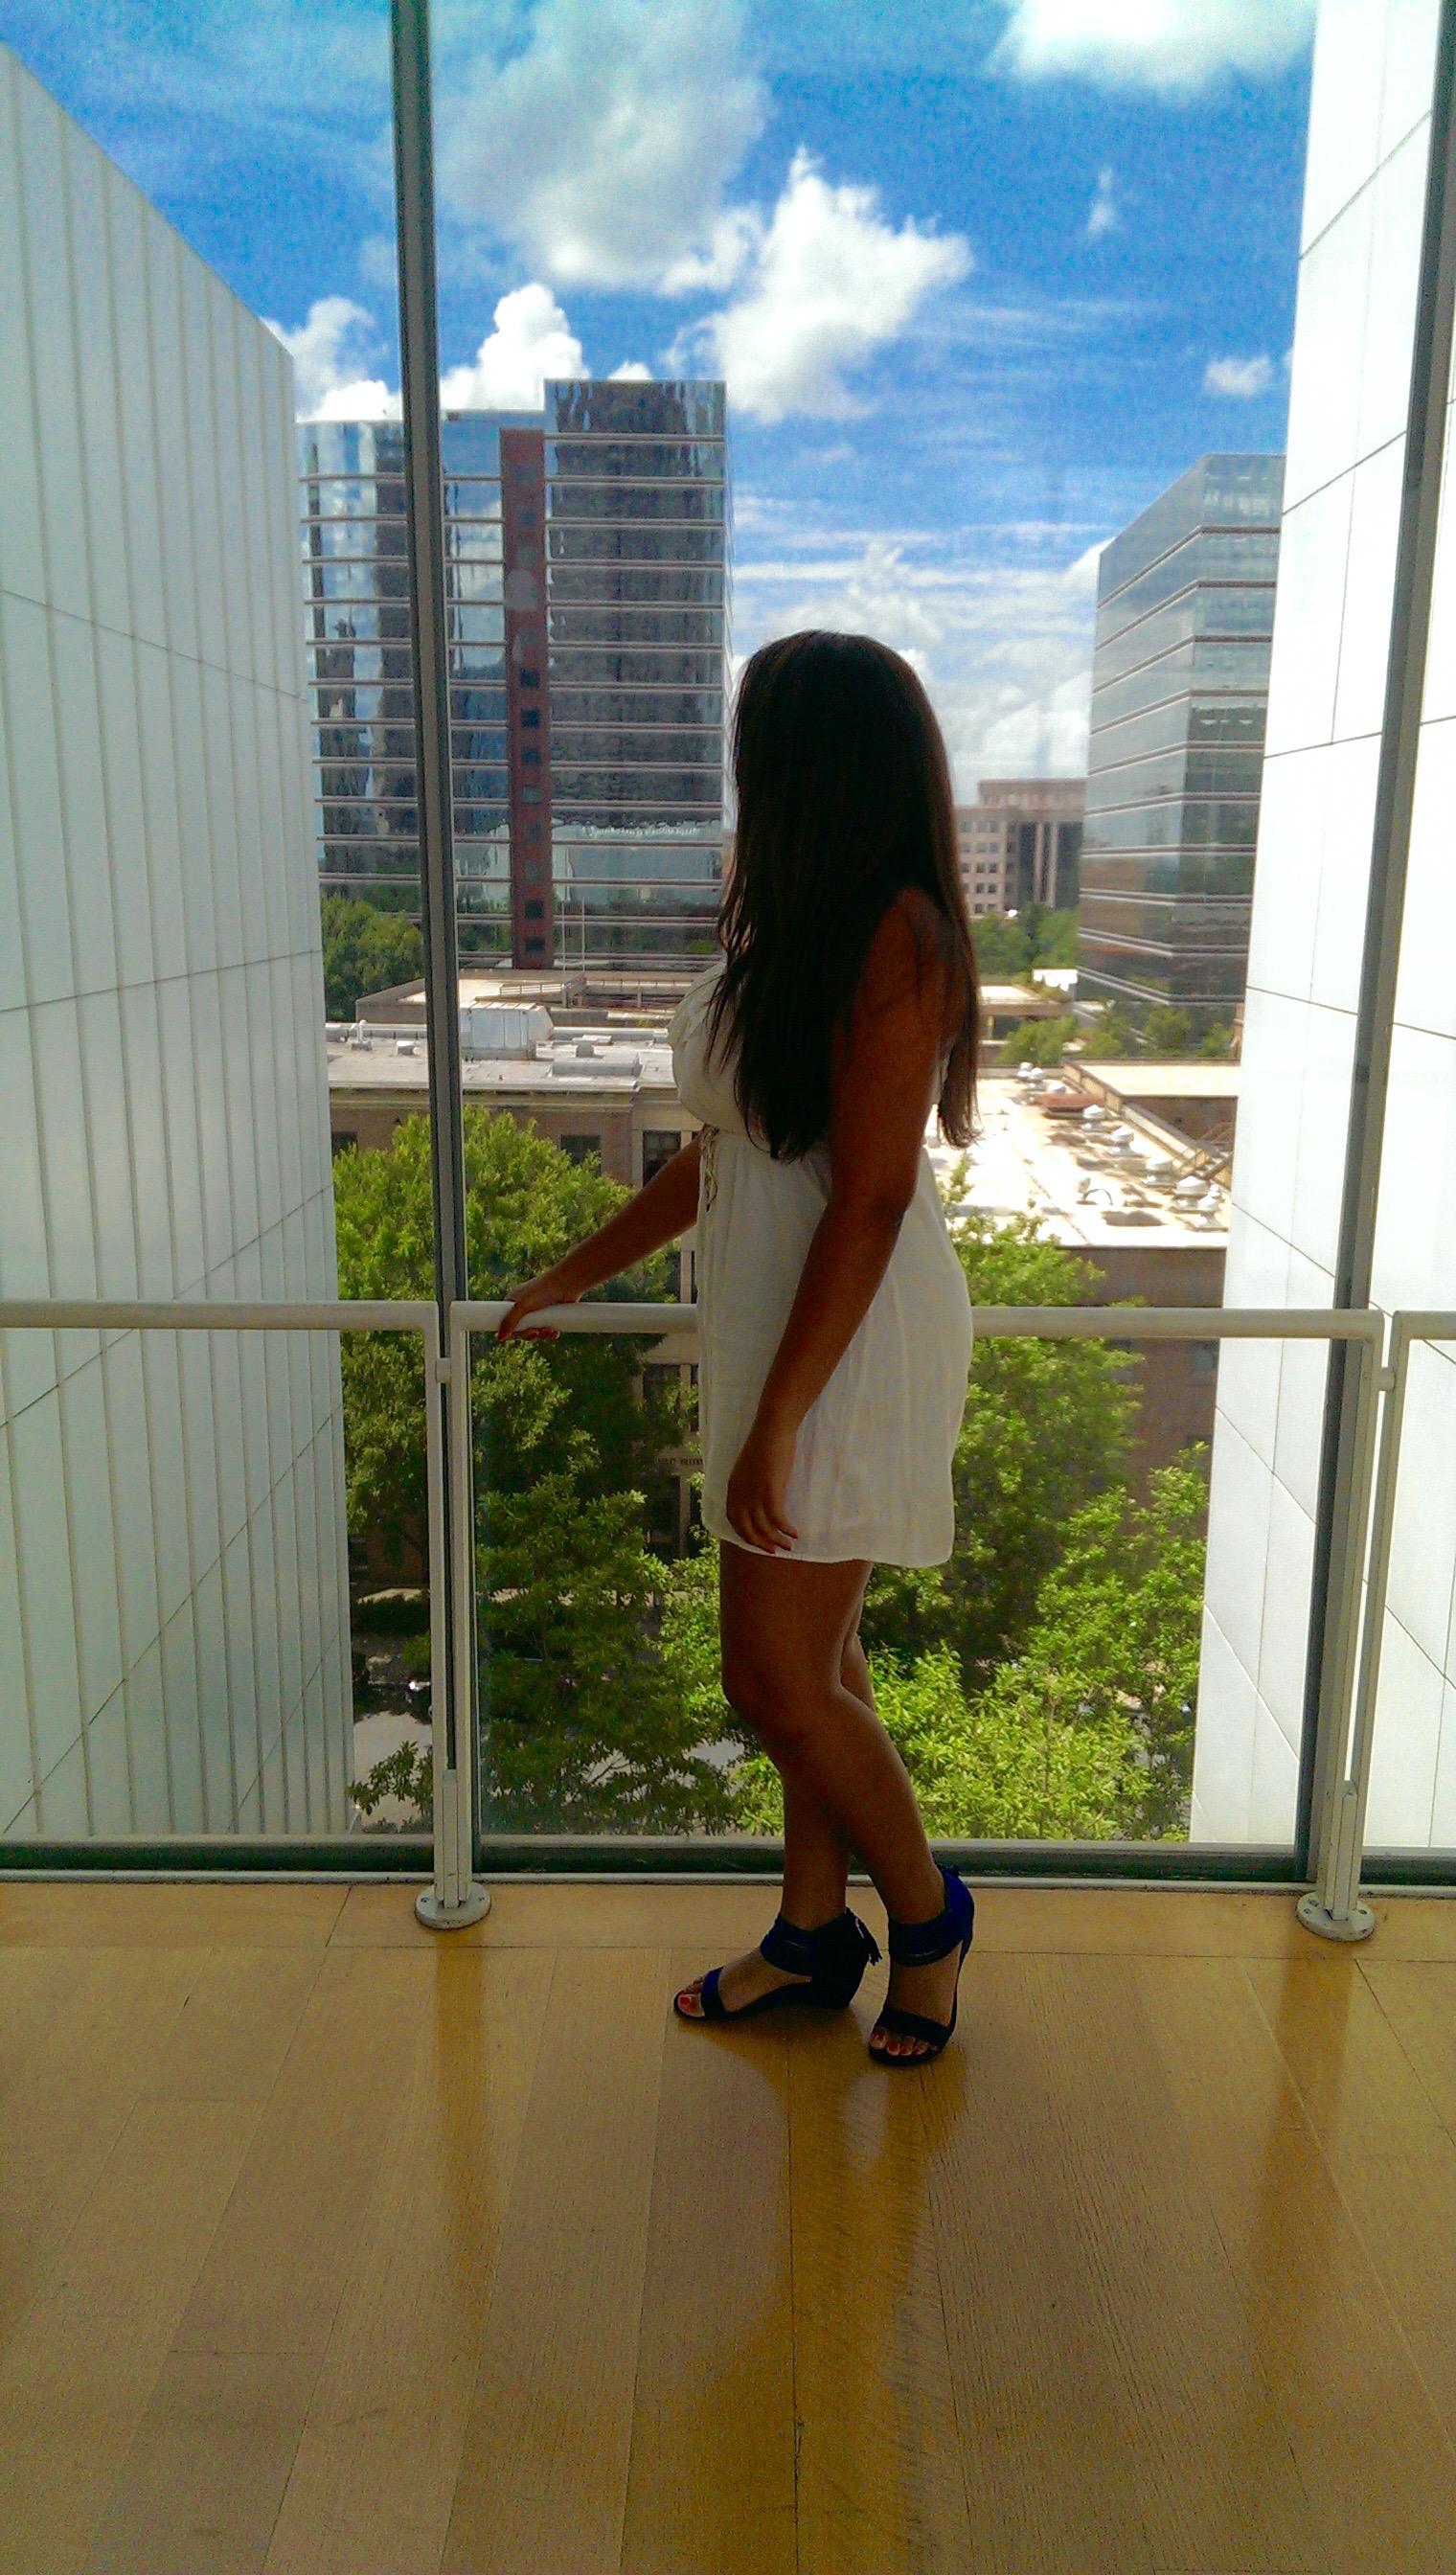 The High museum of Art Atlanta views brunette girl in white dress